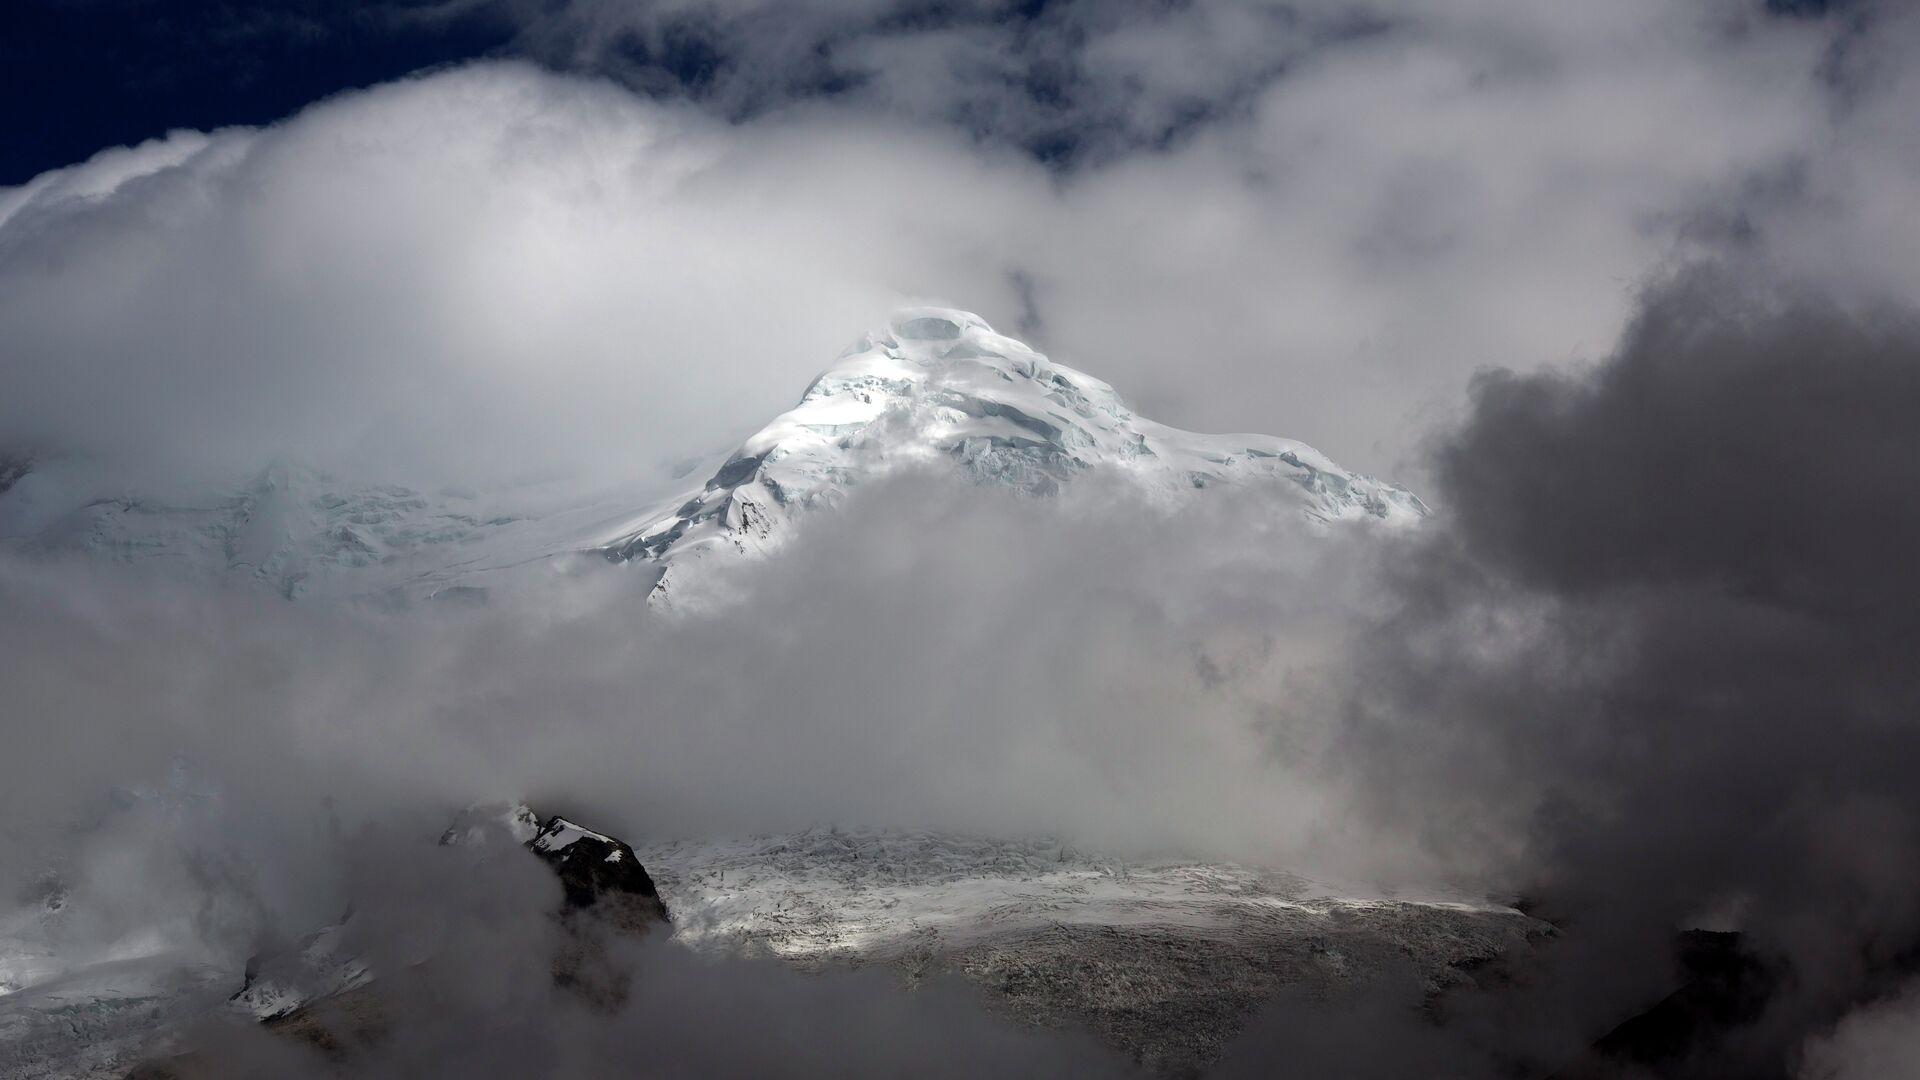 Ледник Уаскаран на горе Токъяраху в Уарас, Перу - РИА Новости, 1920, 13.12.2020